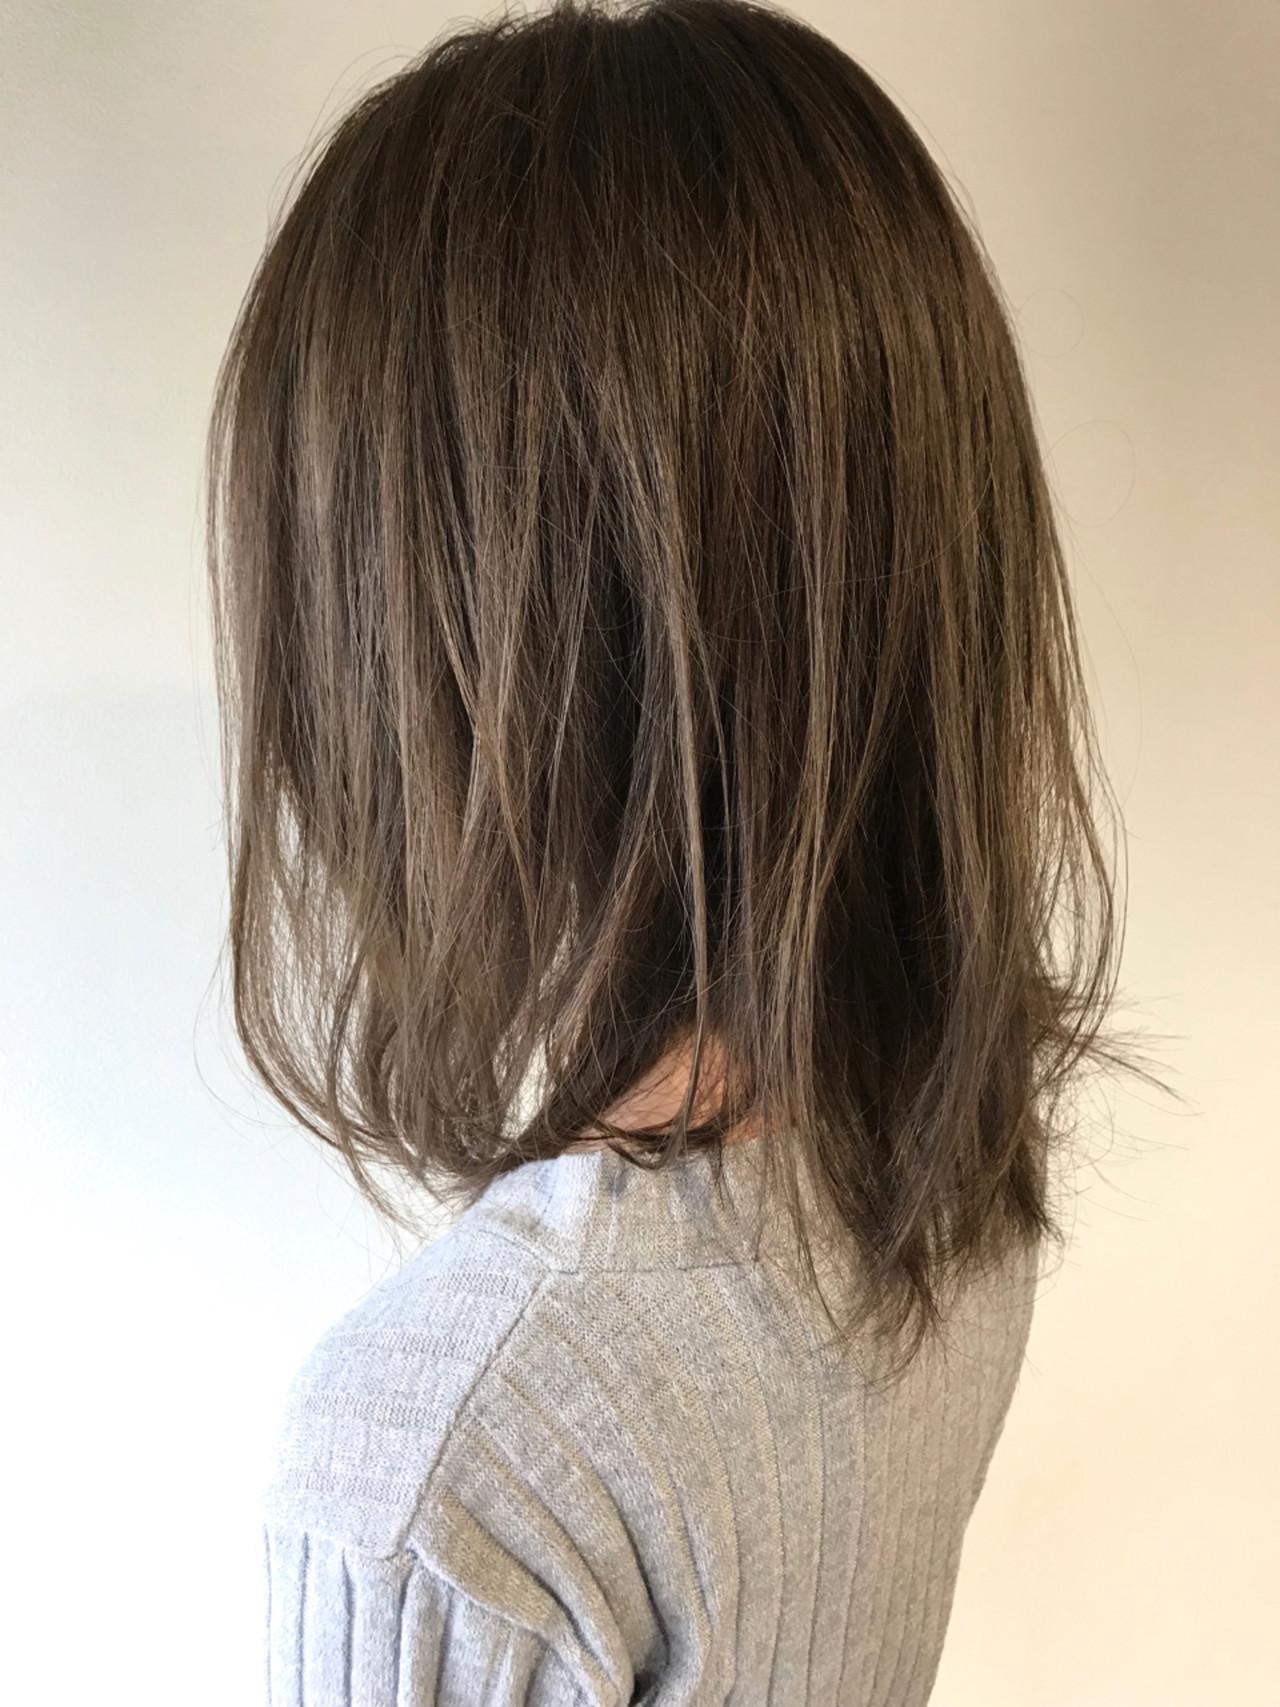 無造作 ハイライト 透明感 ミディアム ヘアスタイルや髪型の写真・画像 | Akira Takishima / BOTANIUM